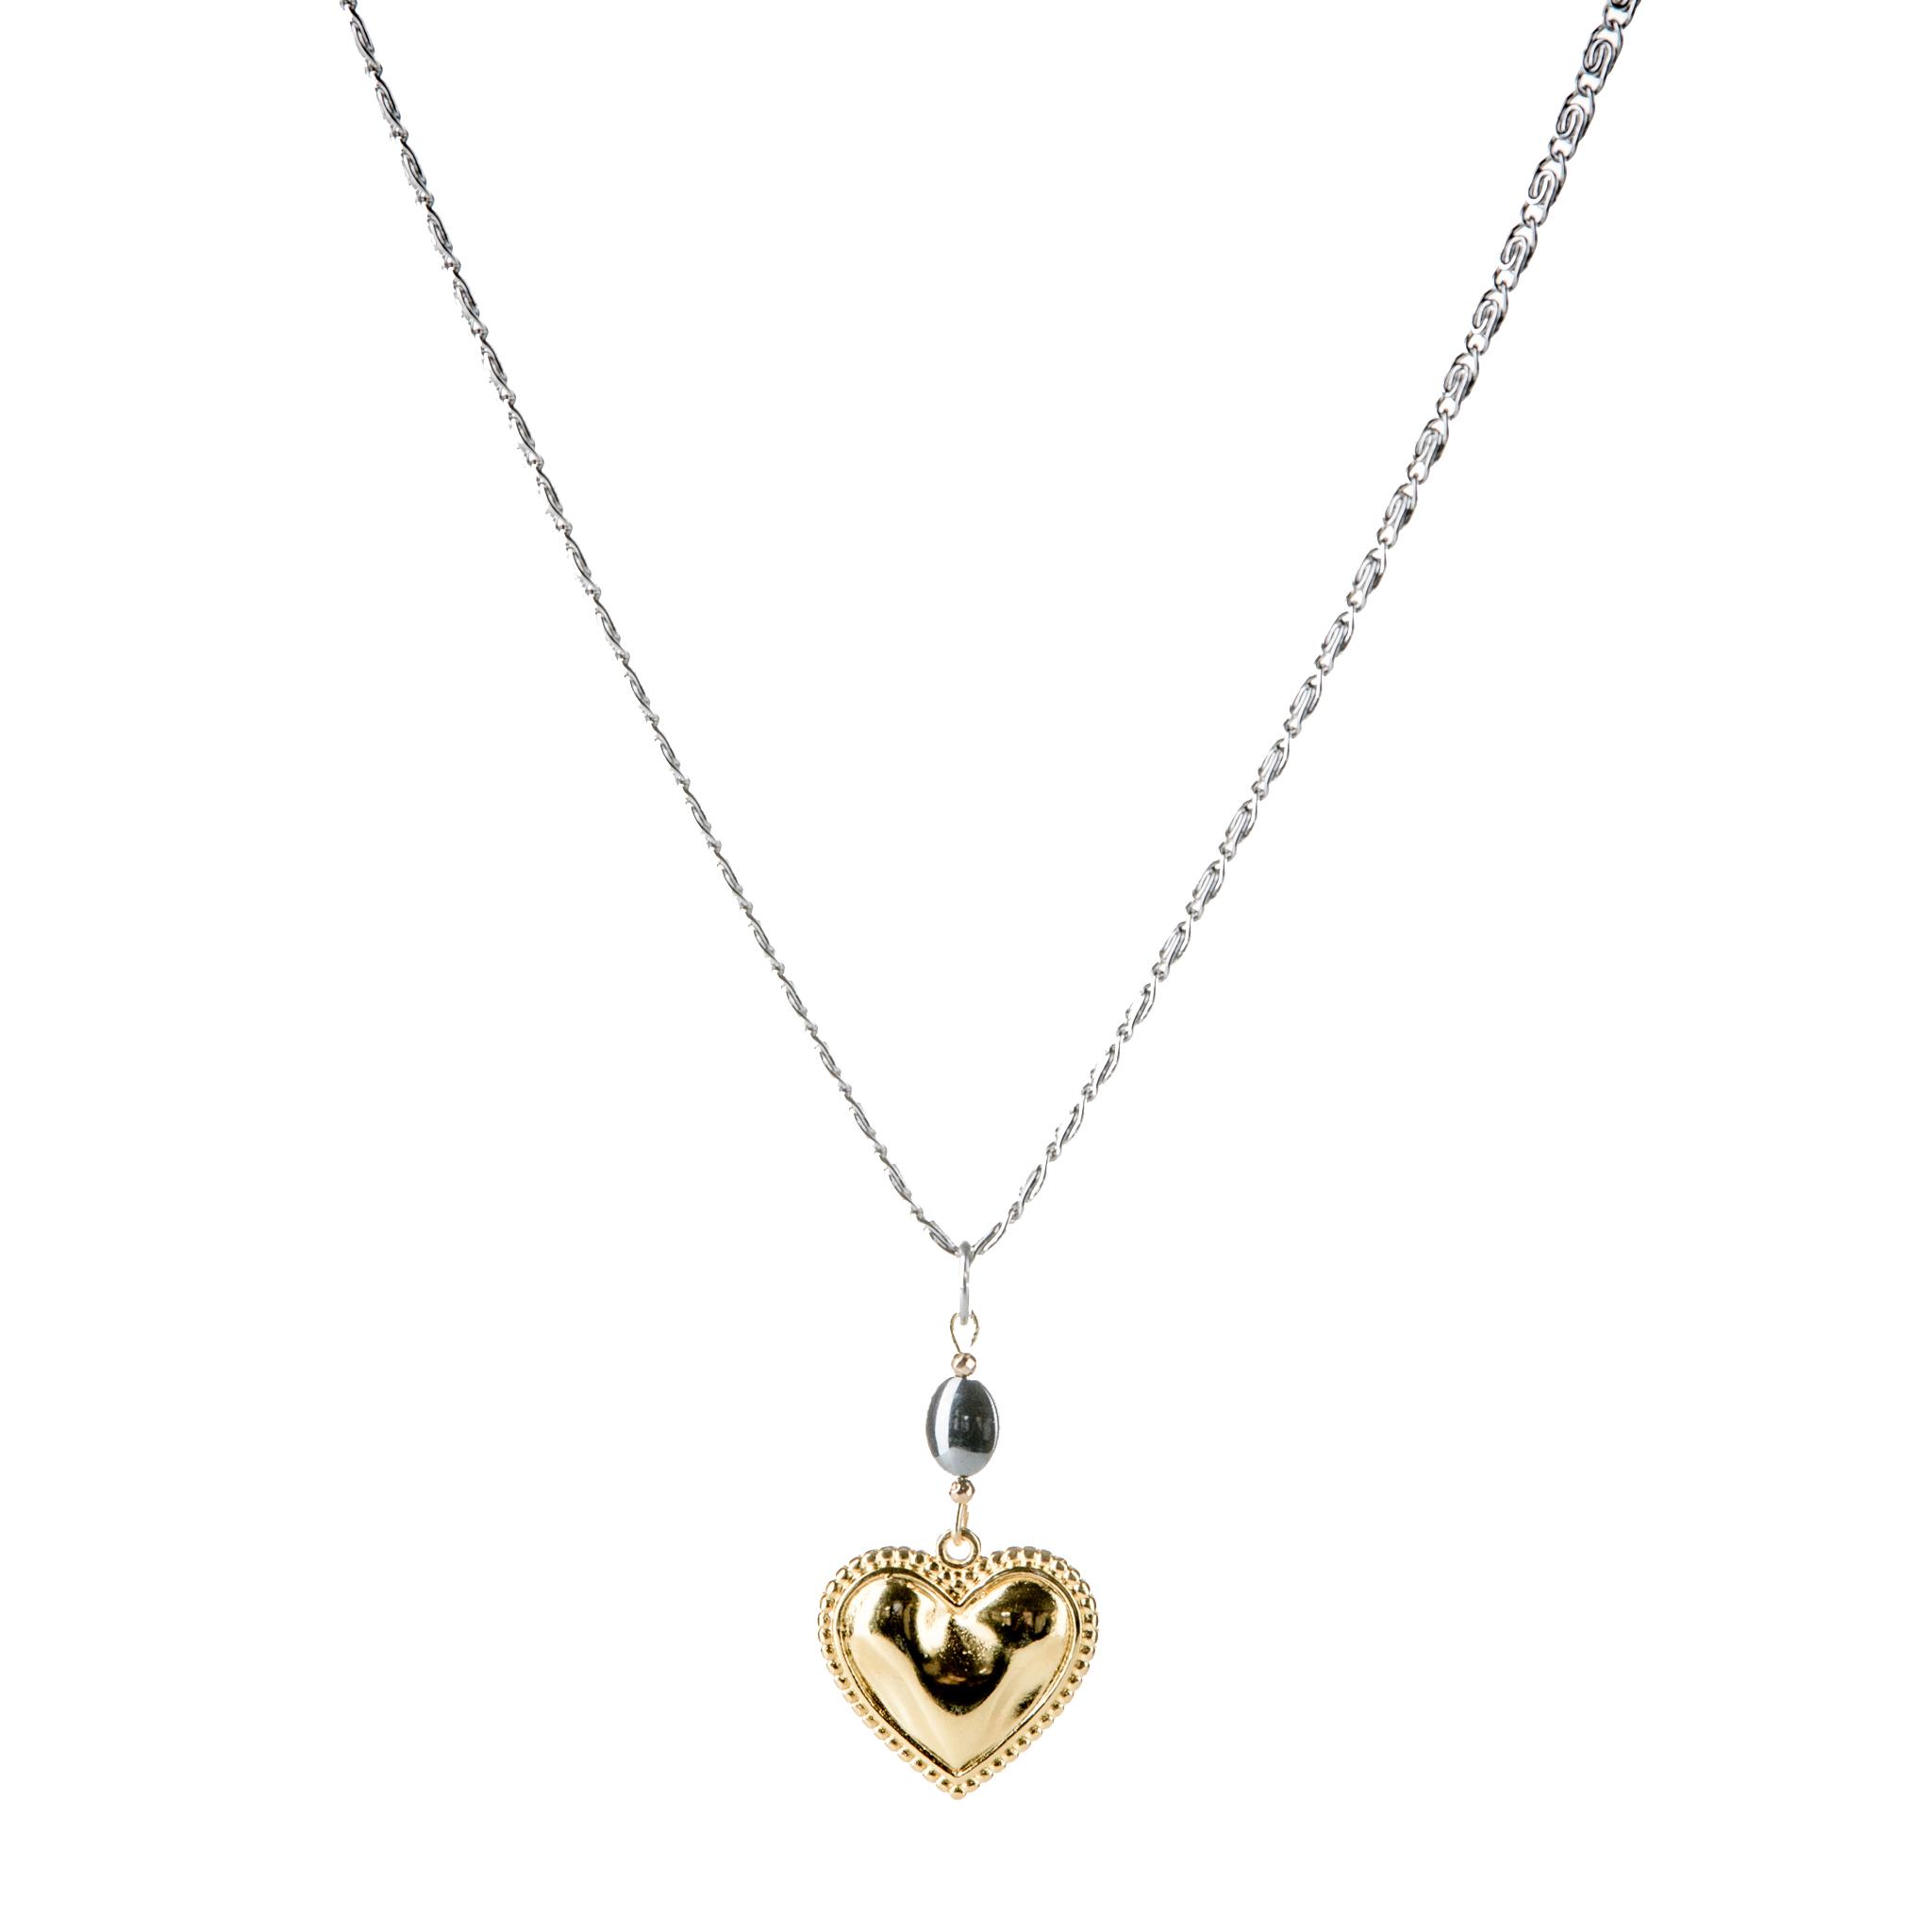 Κολιέ Χρυσή Μεταλλική Καρδιά